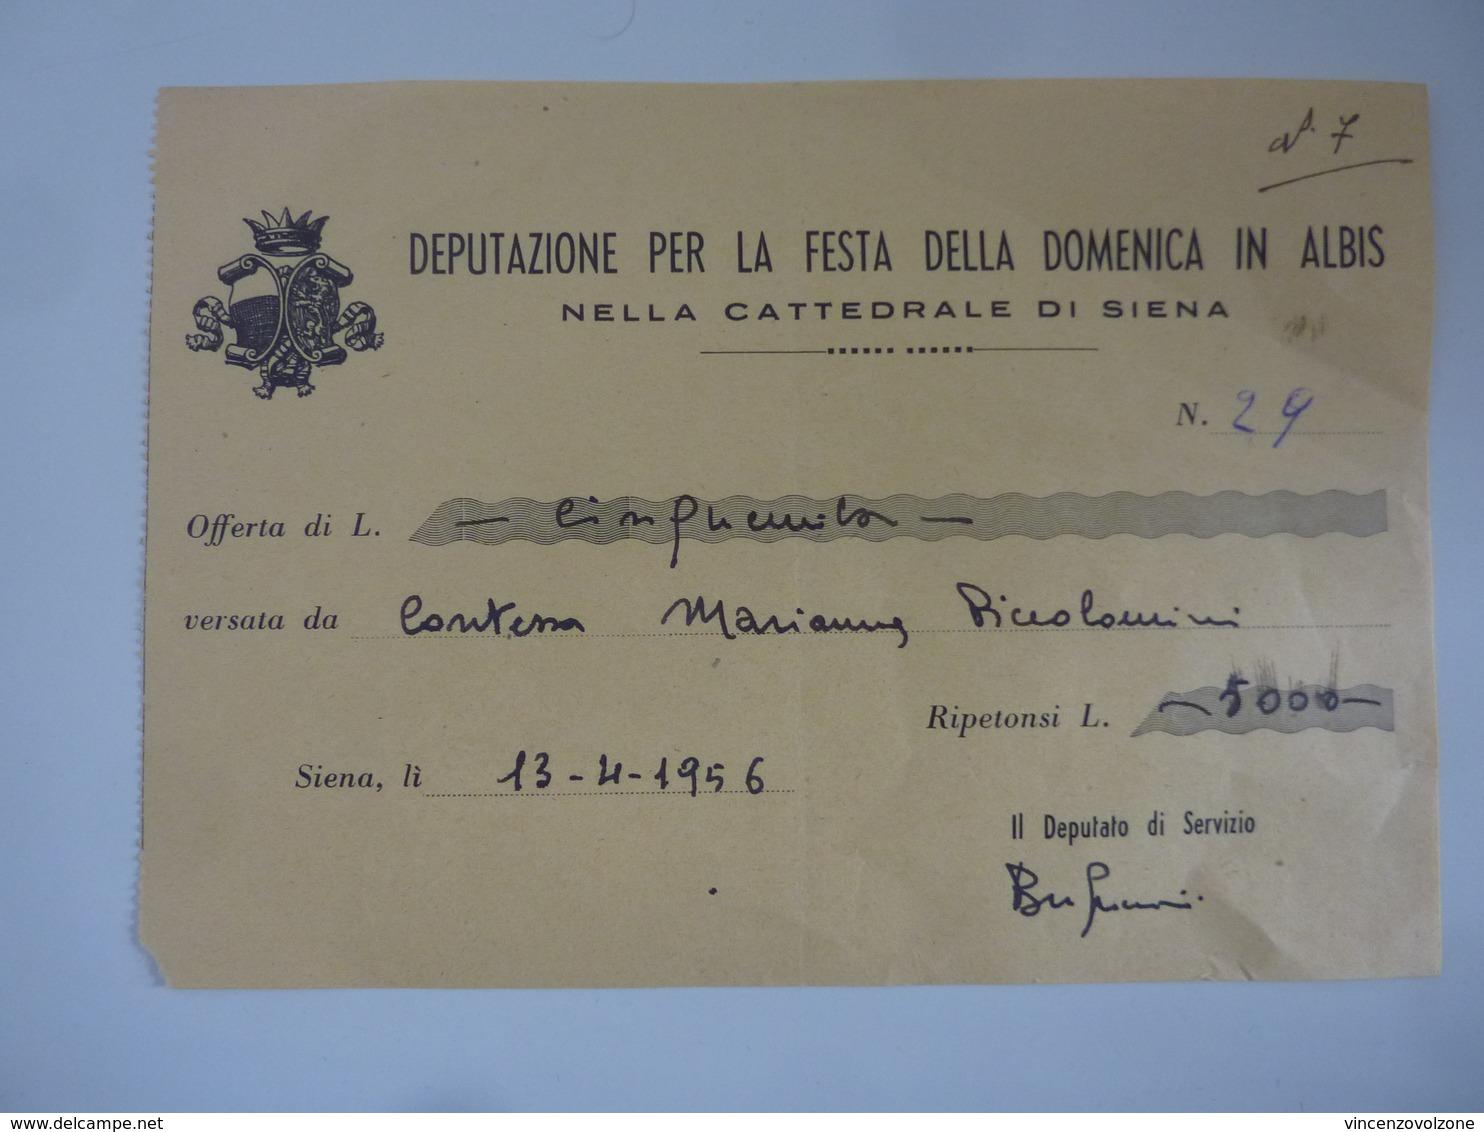 """Ricevuta """"DEPUTAZIONE PER LA FESTA DELLA DOMENICA IN  ALBIS NELLA CATTEDRALE DI SIENA Contessa Piccolomini"""" 1956 - Italia"""